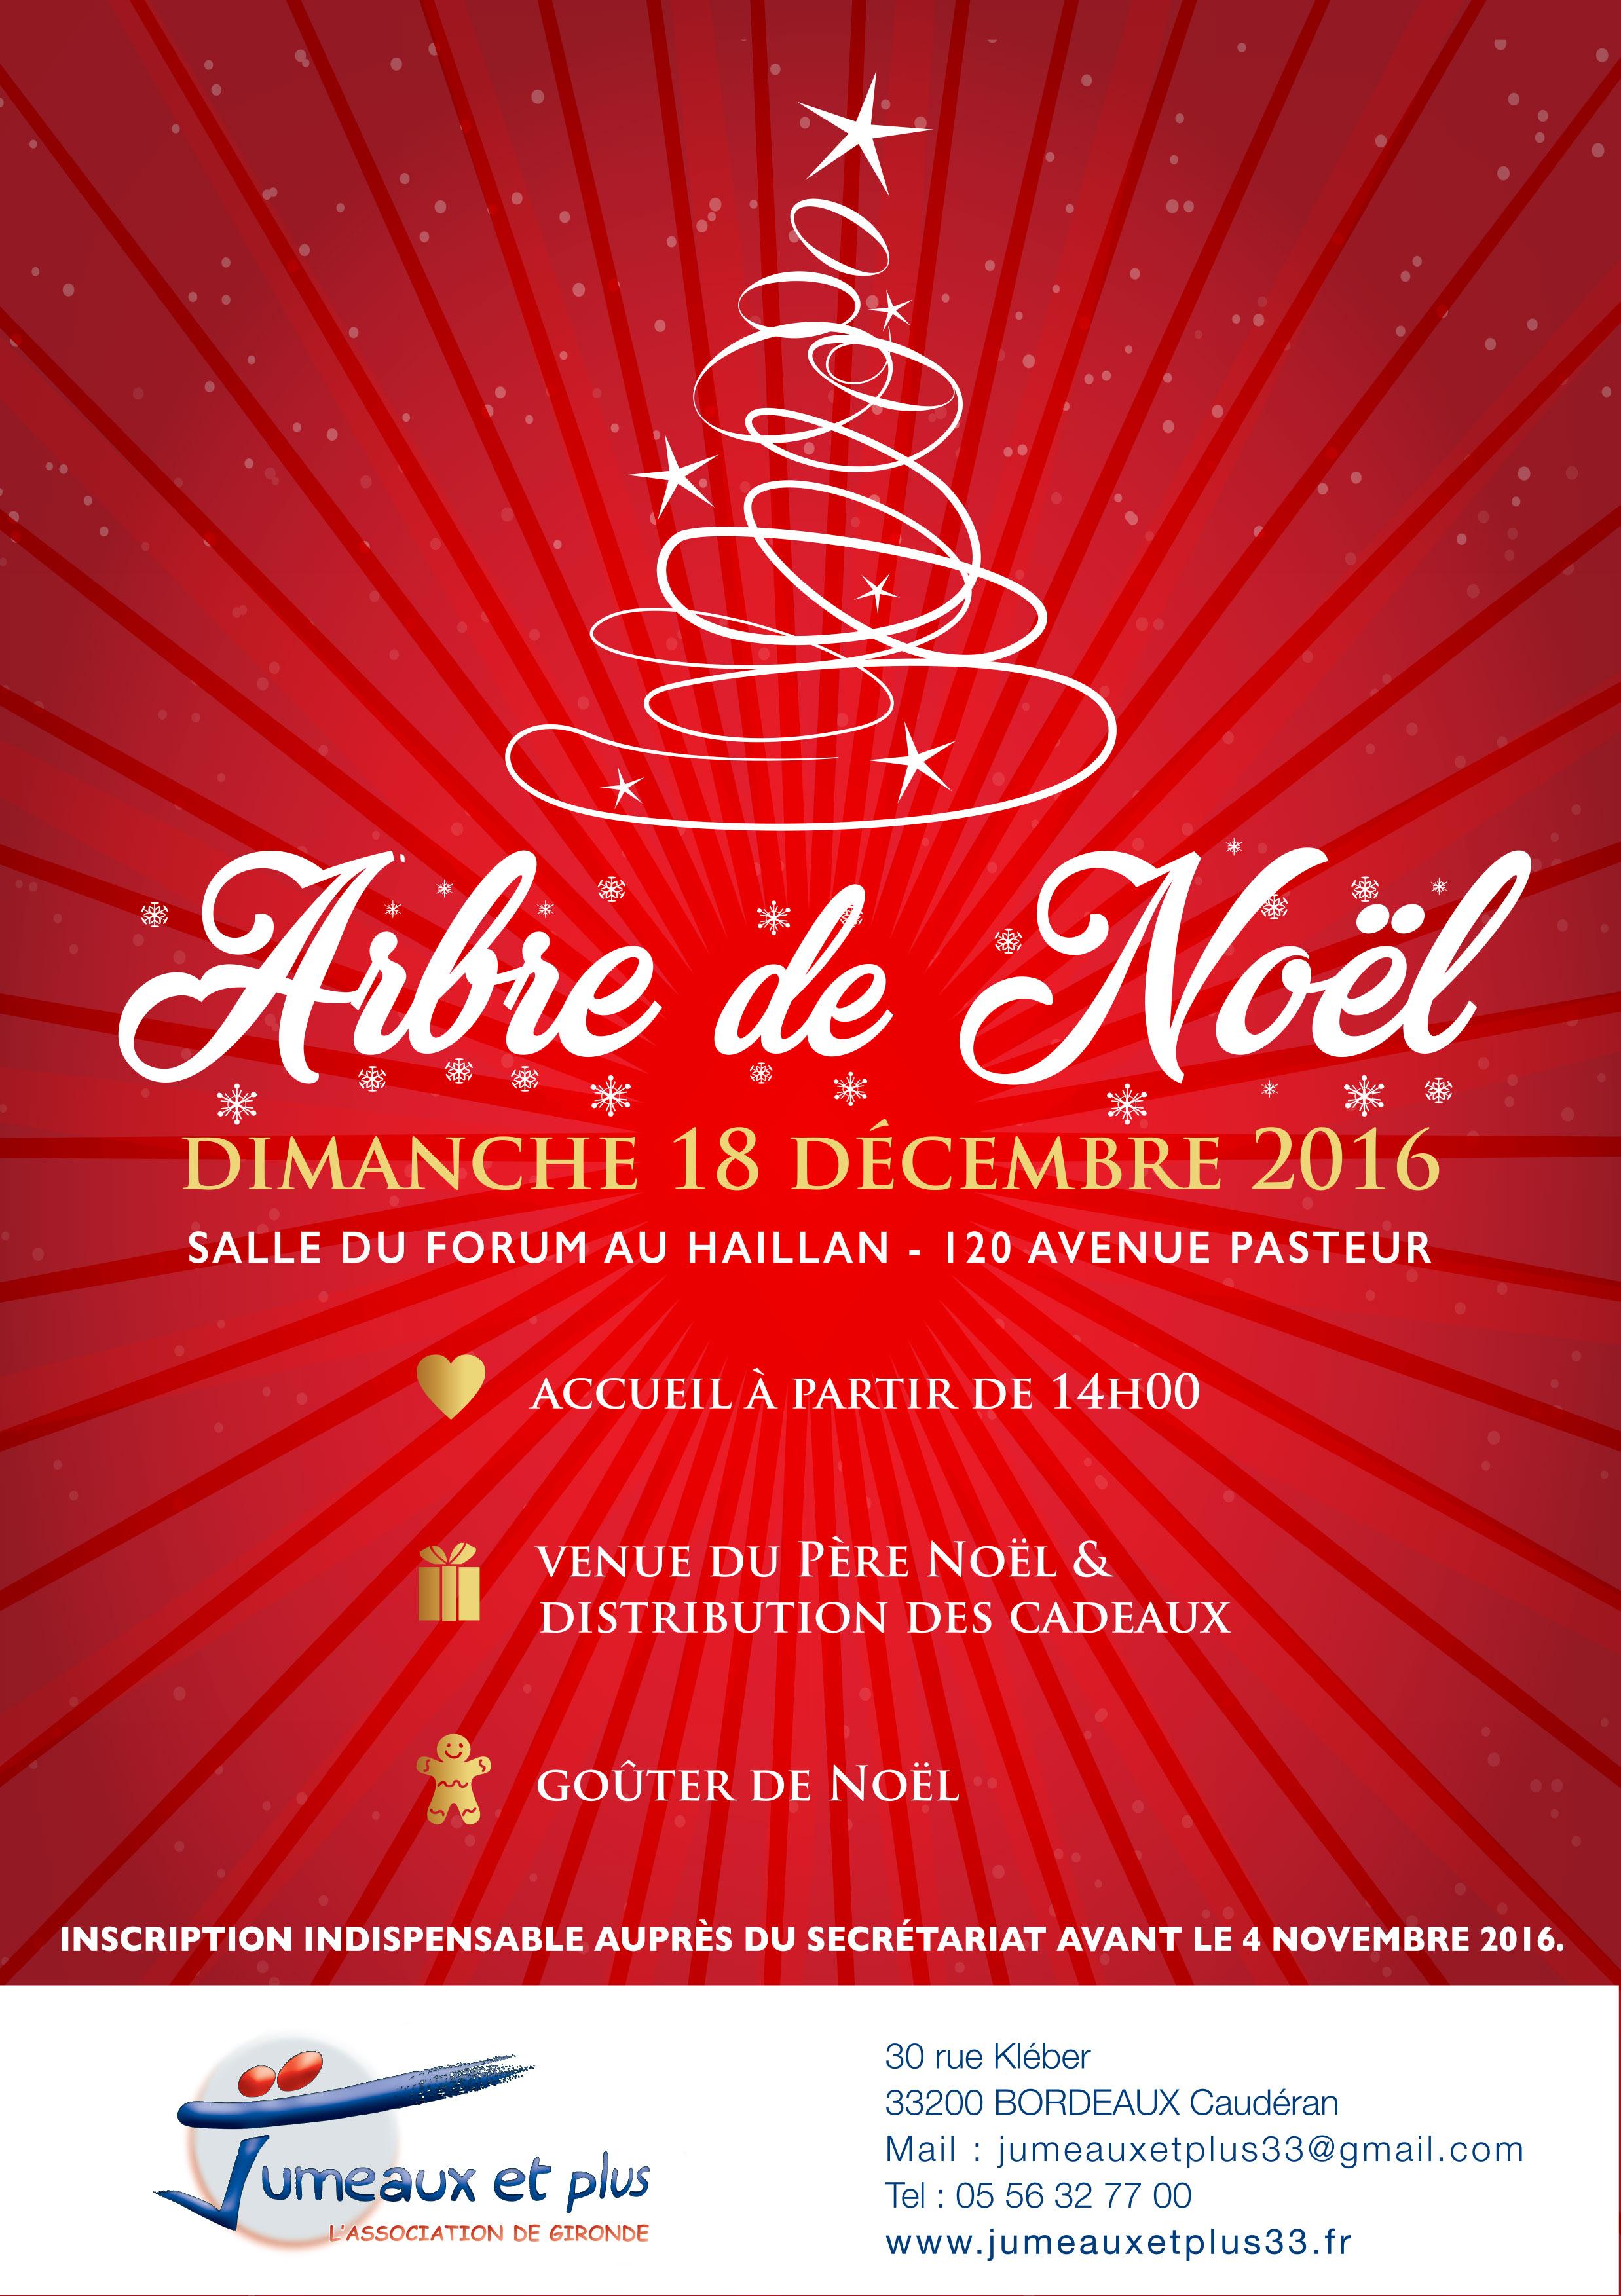 affiche de noel Grand arbre de Noël de votre association | Jumeaux et Plus 33 affiche de noel